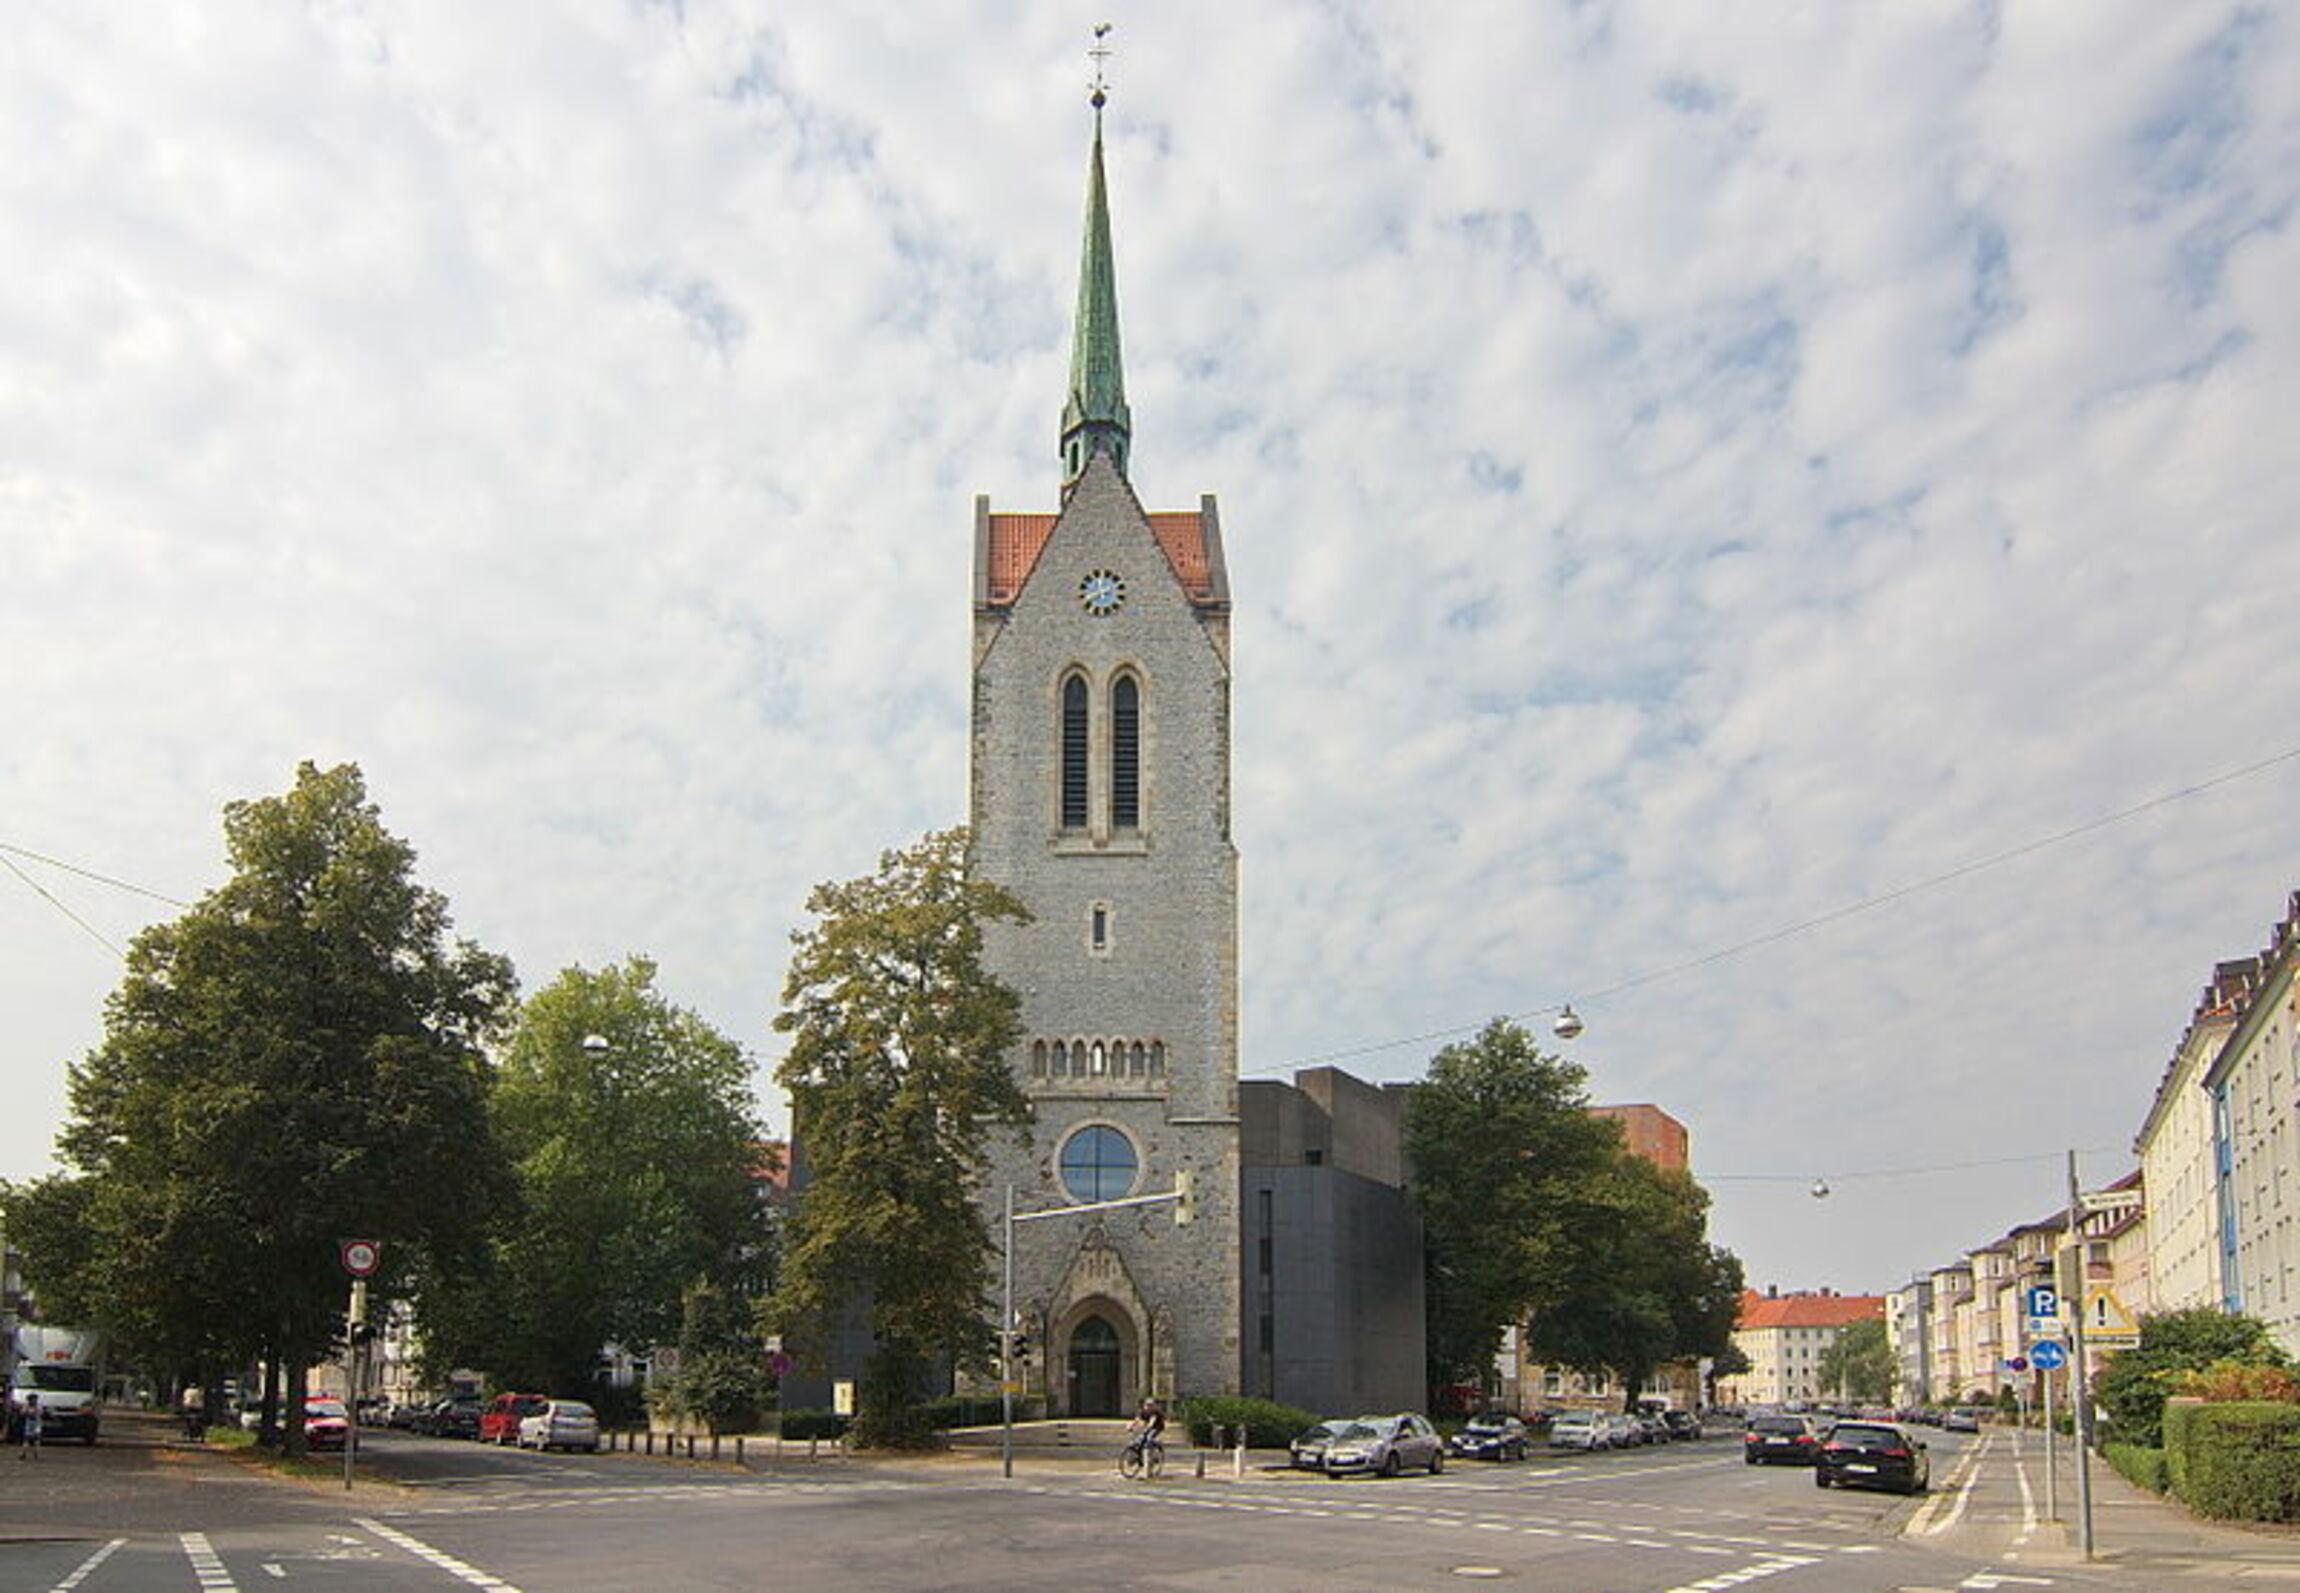 Matthaeuskirche